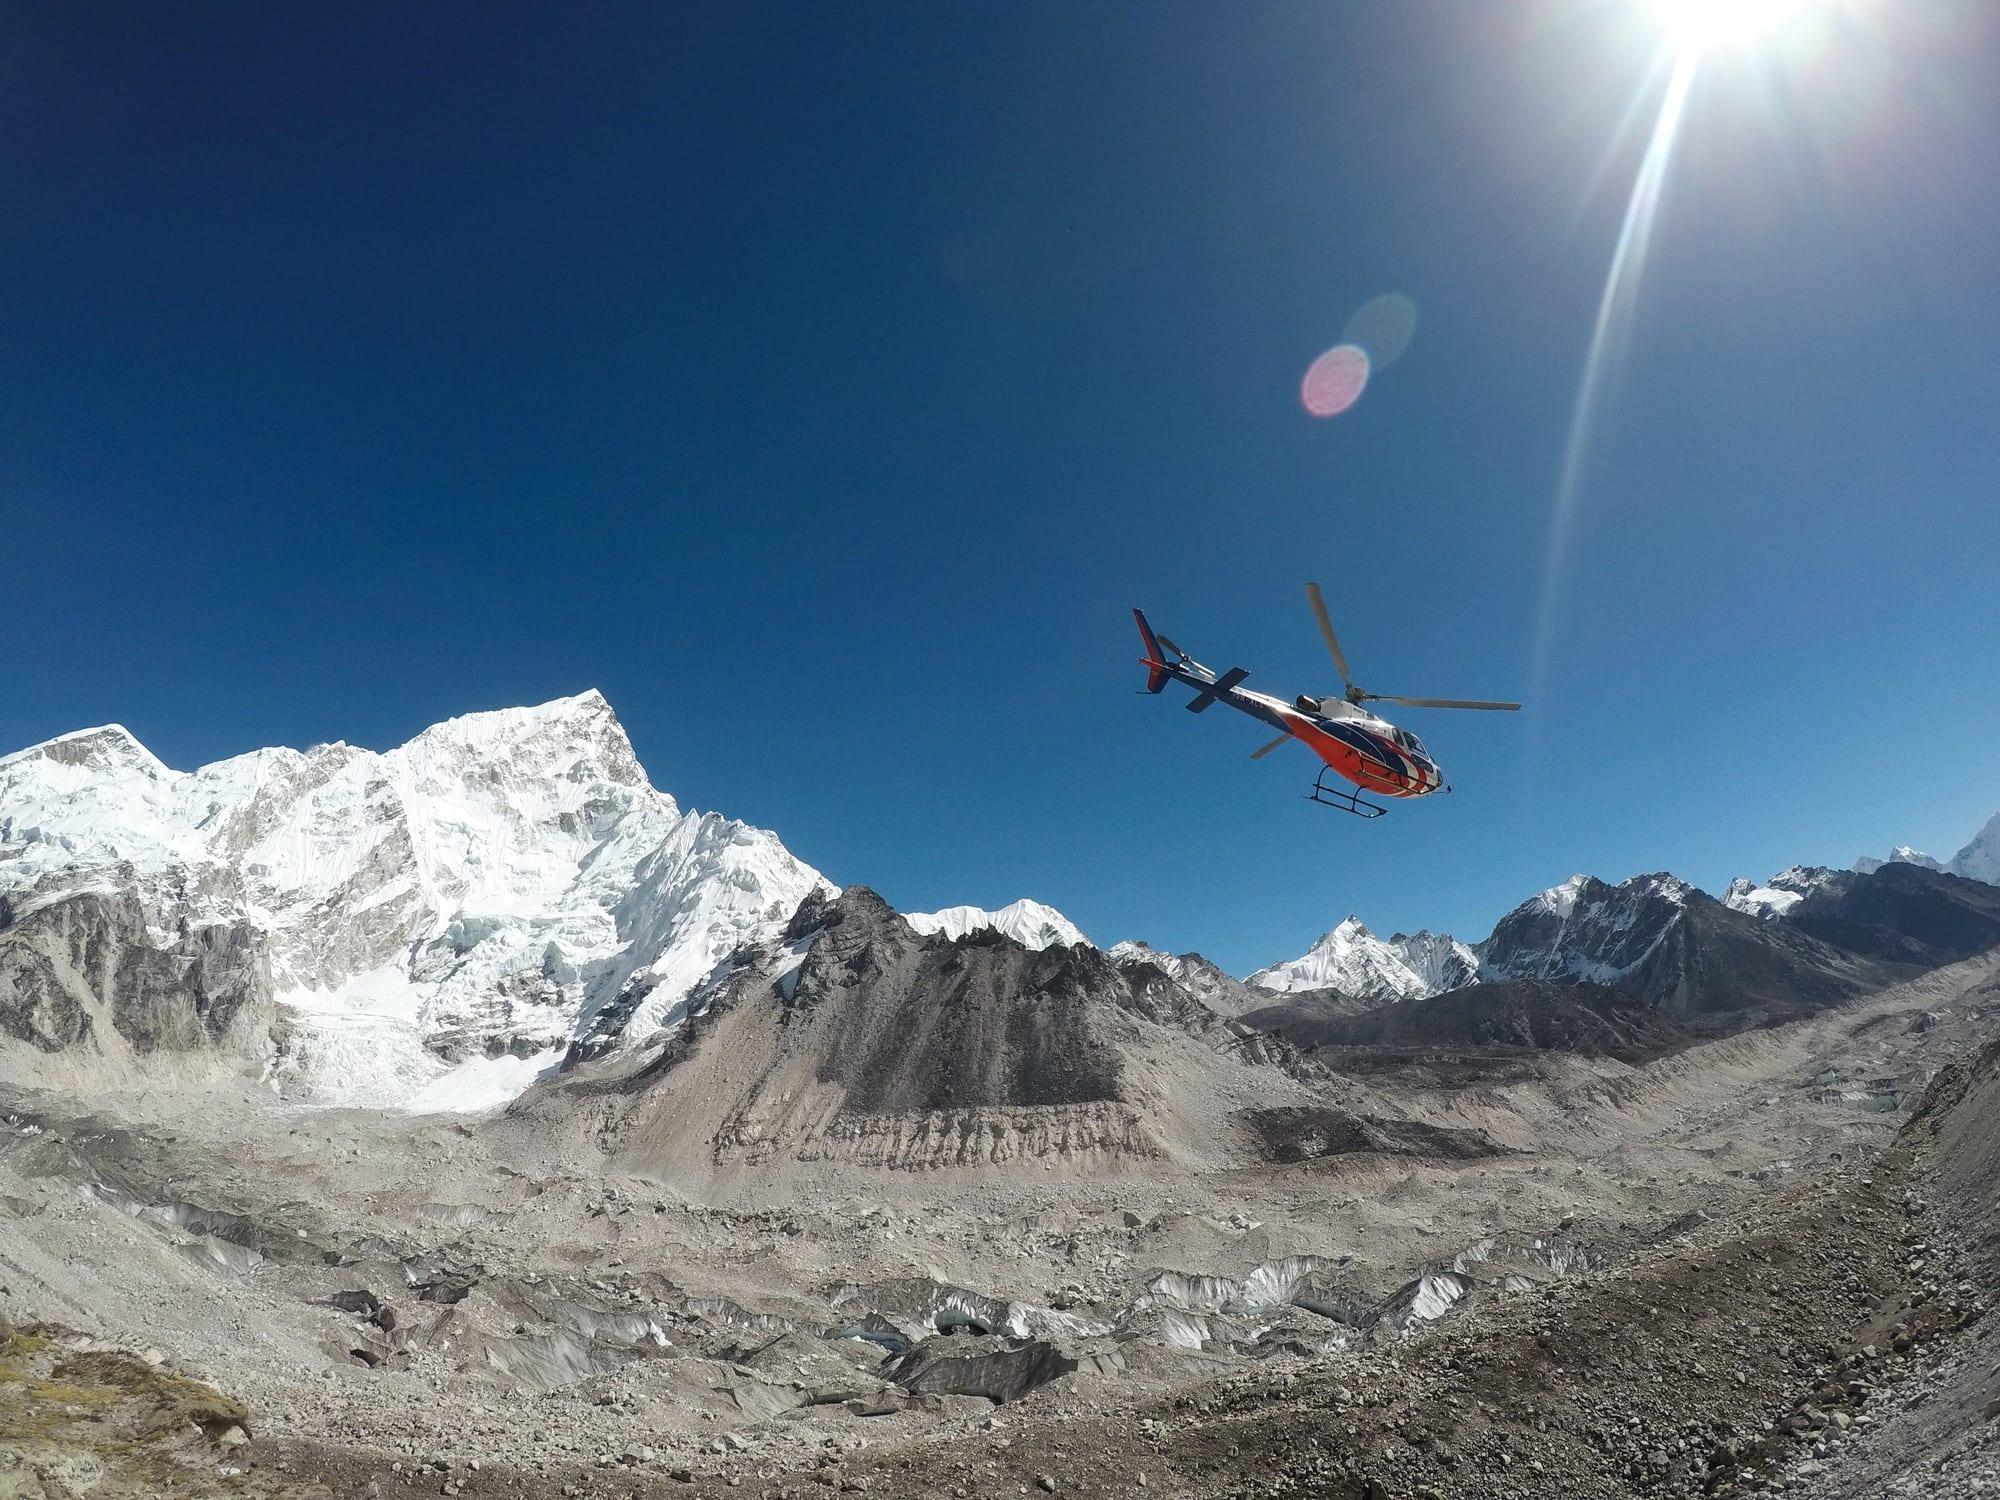 Everest Basecamp Trek - Helicopter flight back to Lukla